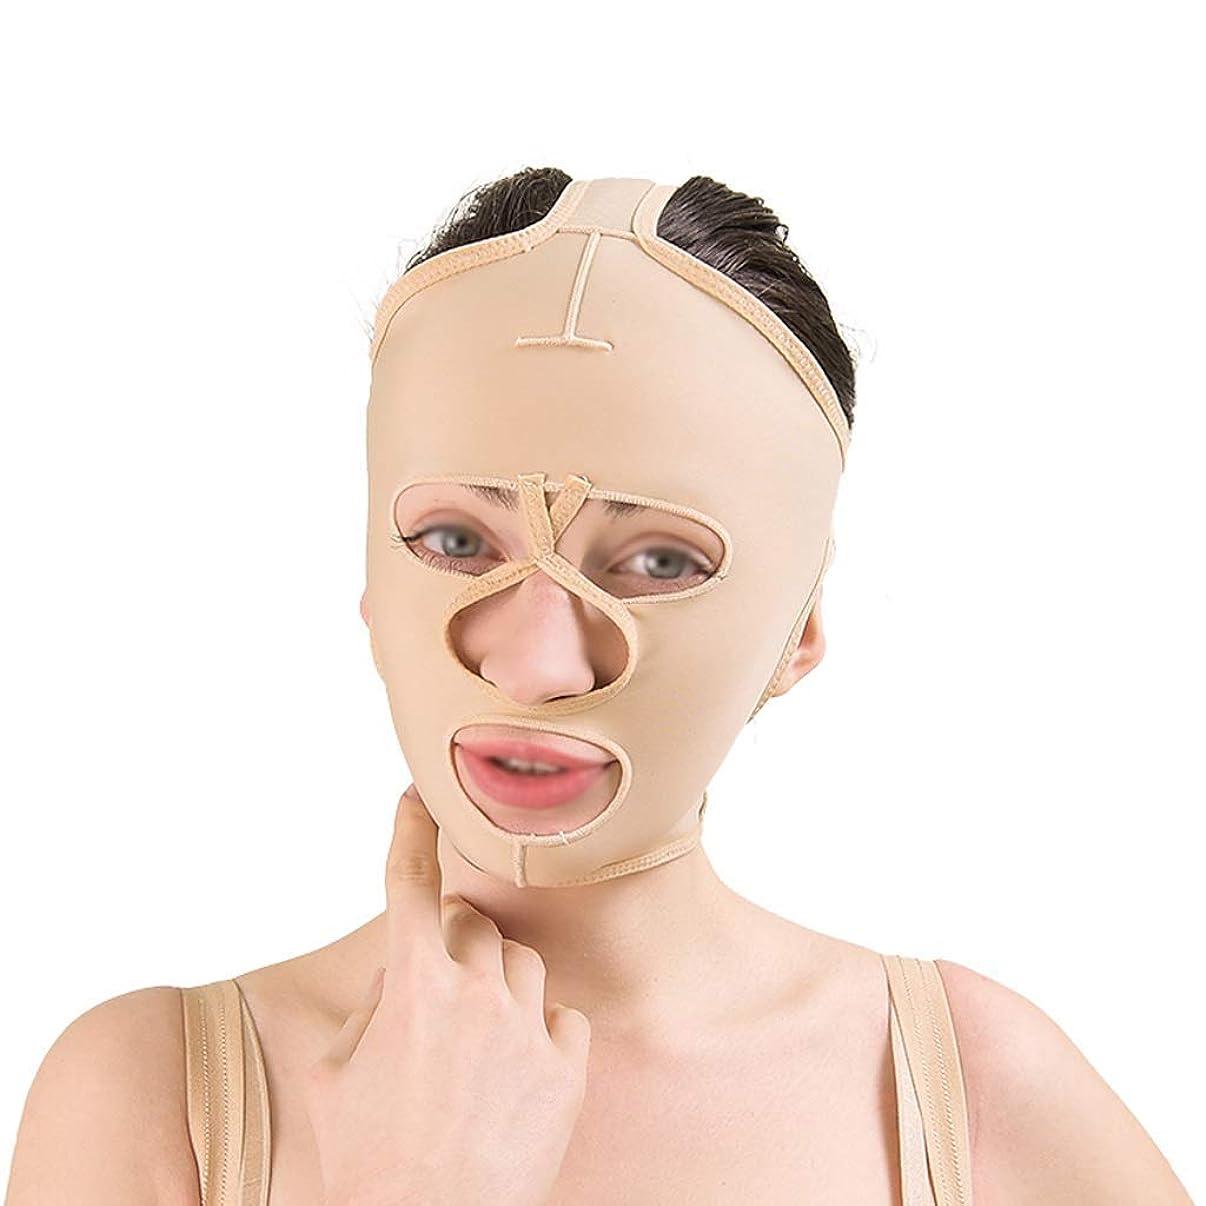 ホイールワークショップ裏切りフェイシャルリフティングツール、フェイシャルビューティーリフティングマスク、通気性引き締めリフティングフェイシャル包帯、フェイシャルタイトバンデージ(サイズ:L),ザ?